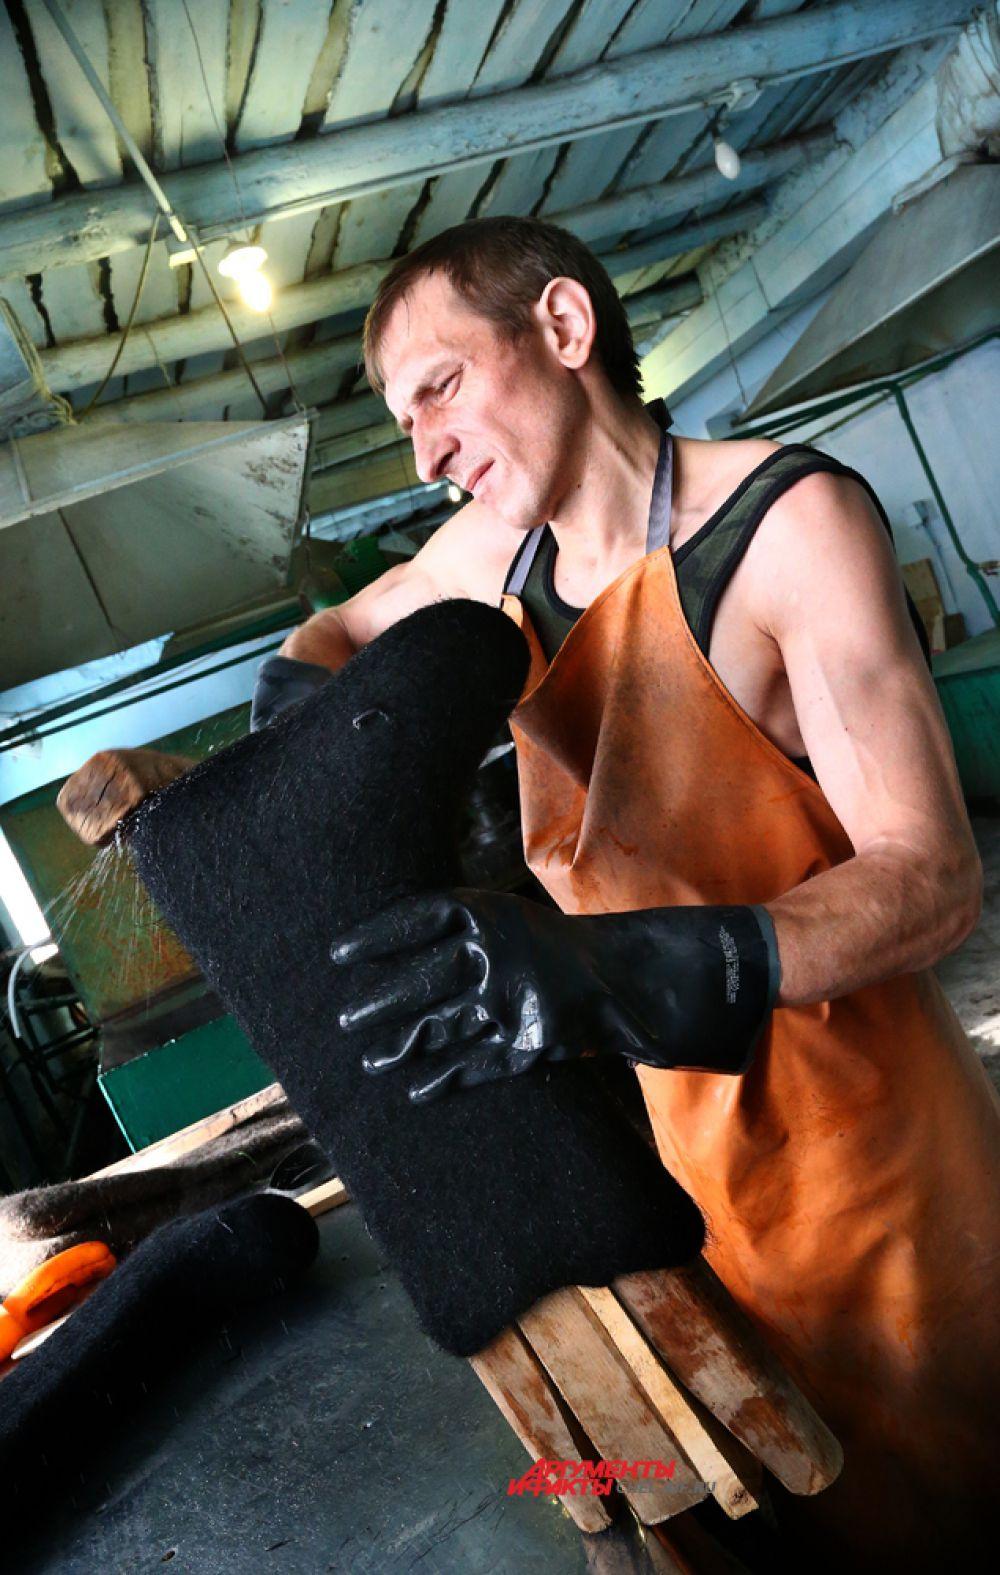 Голенище валенка нужно обработать, чтобы шерсть не сползла